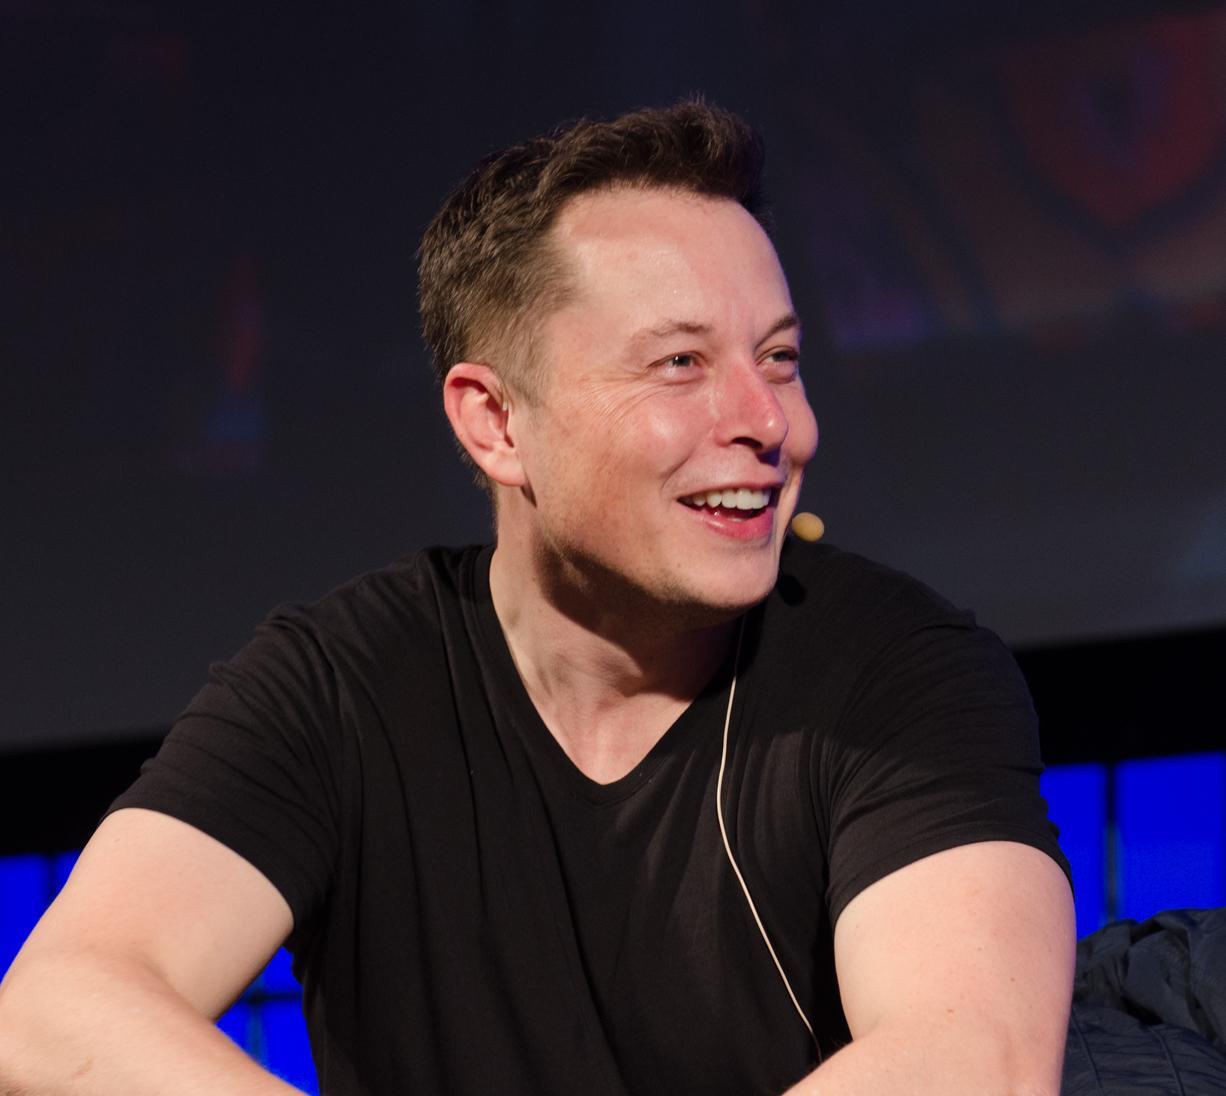 Elon Musk từng sống với 1 đô la một ngày và những bí mật thời thơ ấu của tỷ phú công nghệ Ảnh 3